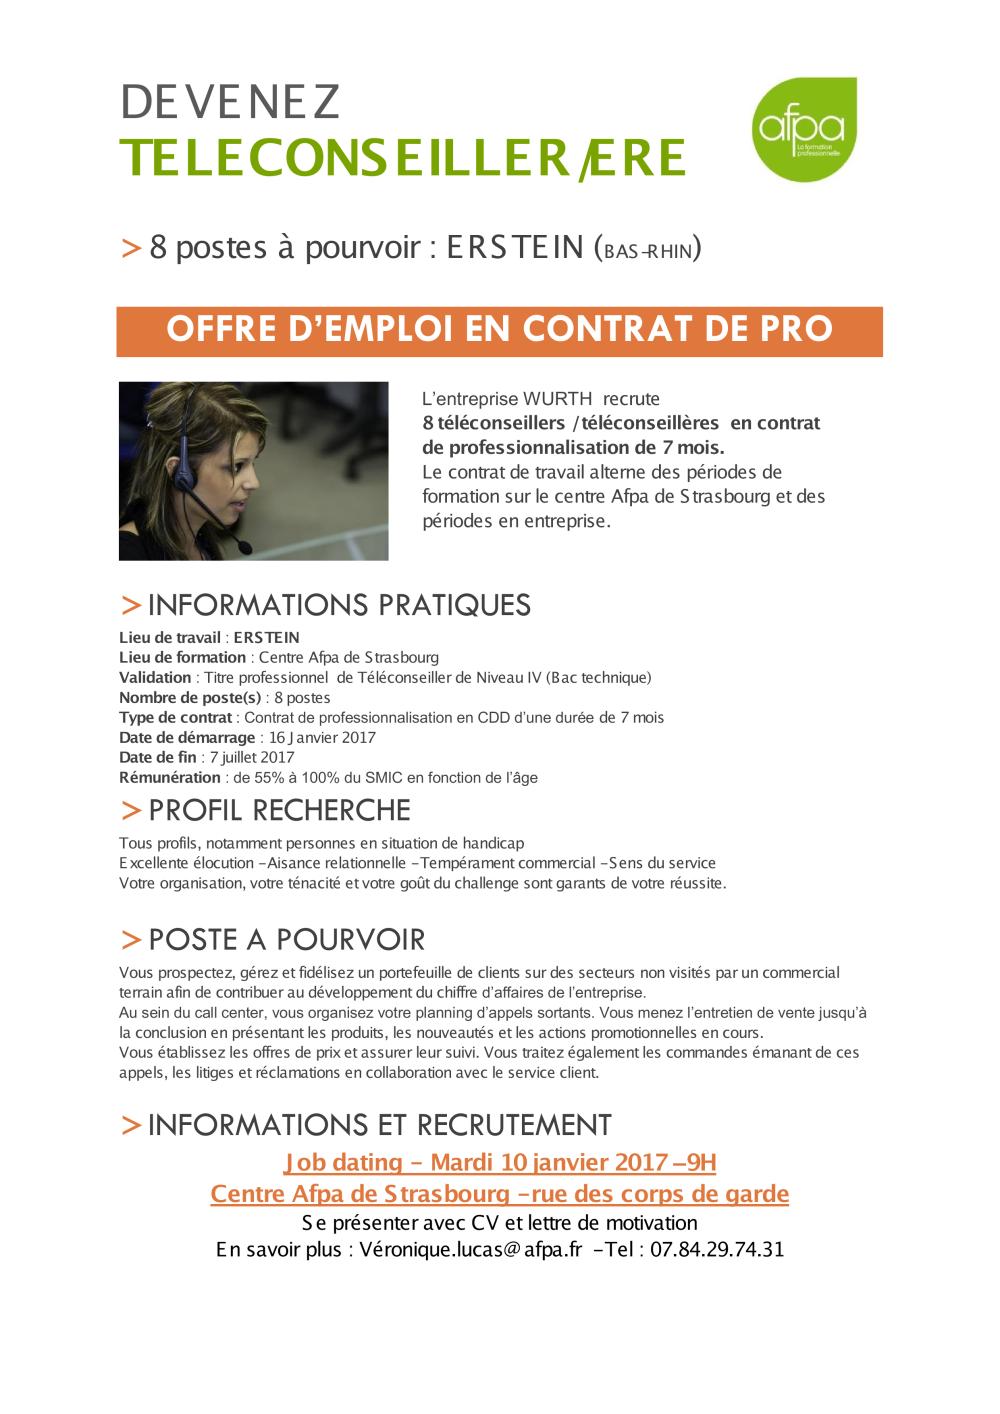 Contrat De Pro Téléconseiller Wurth France Pdf Afpa